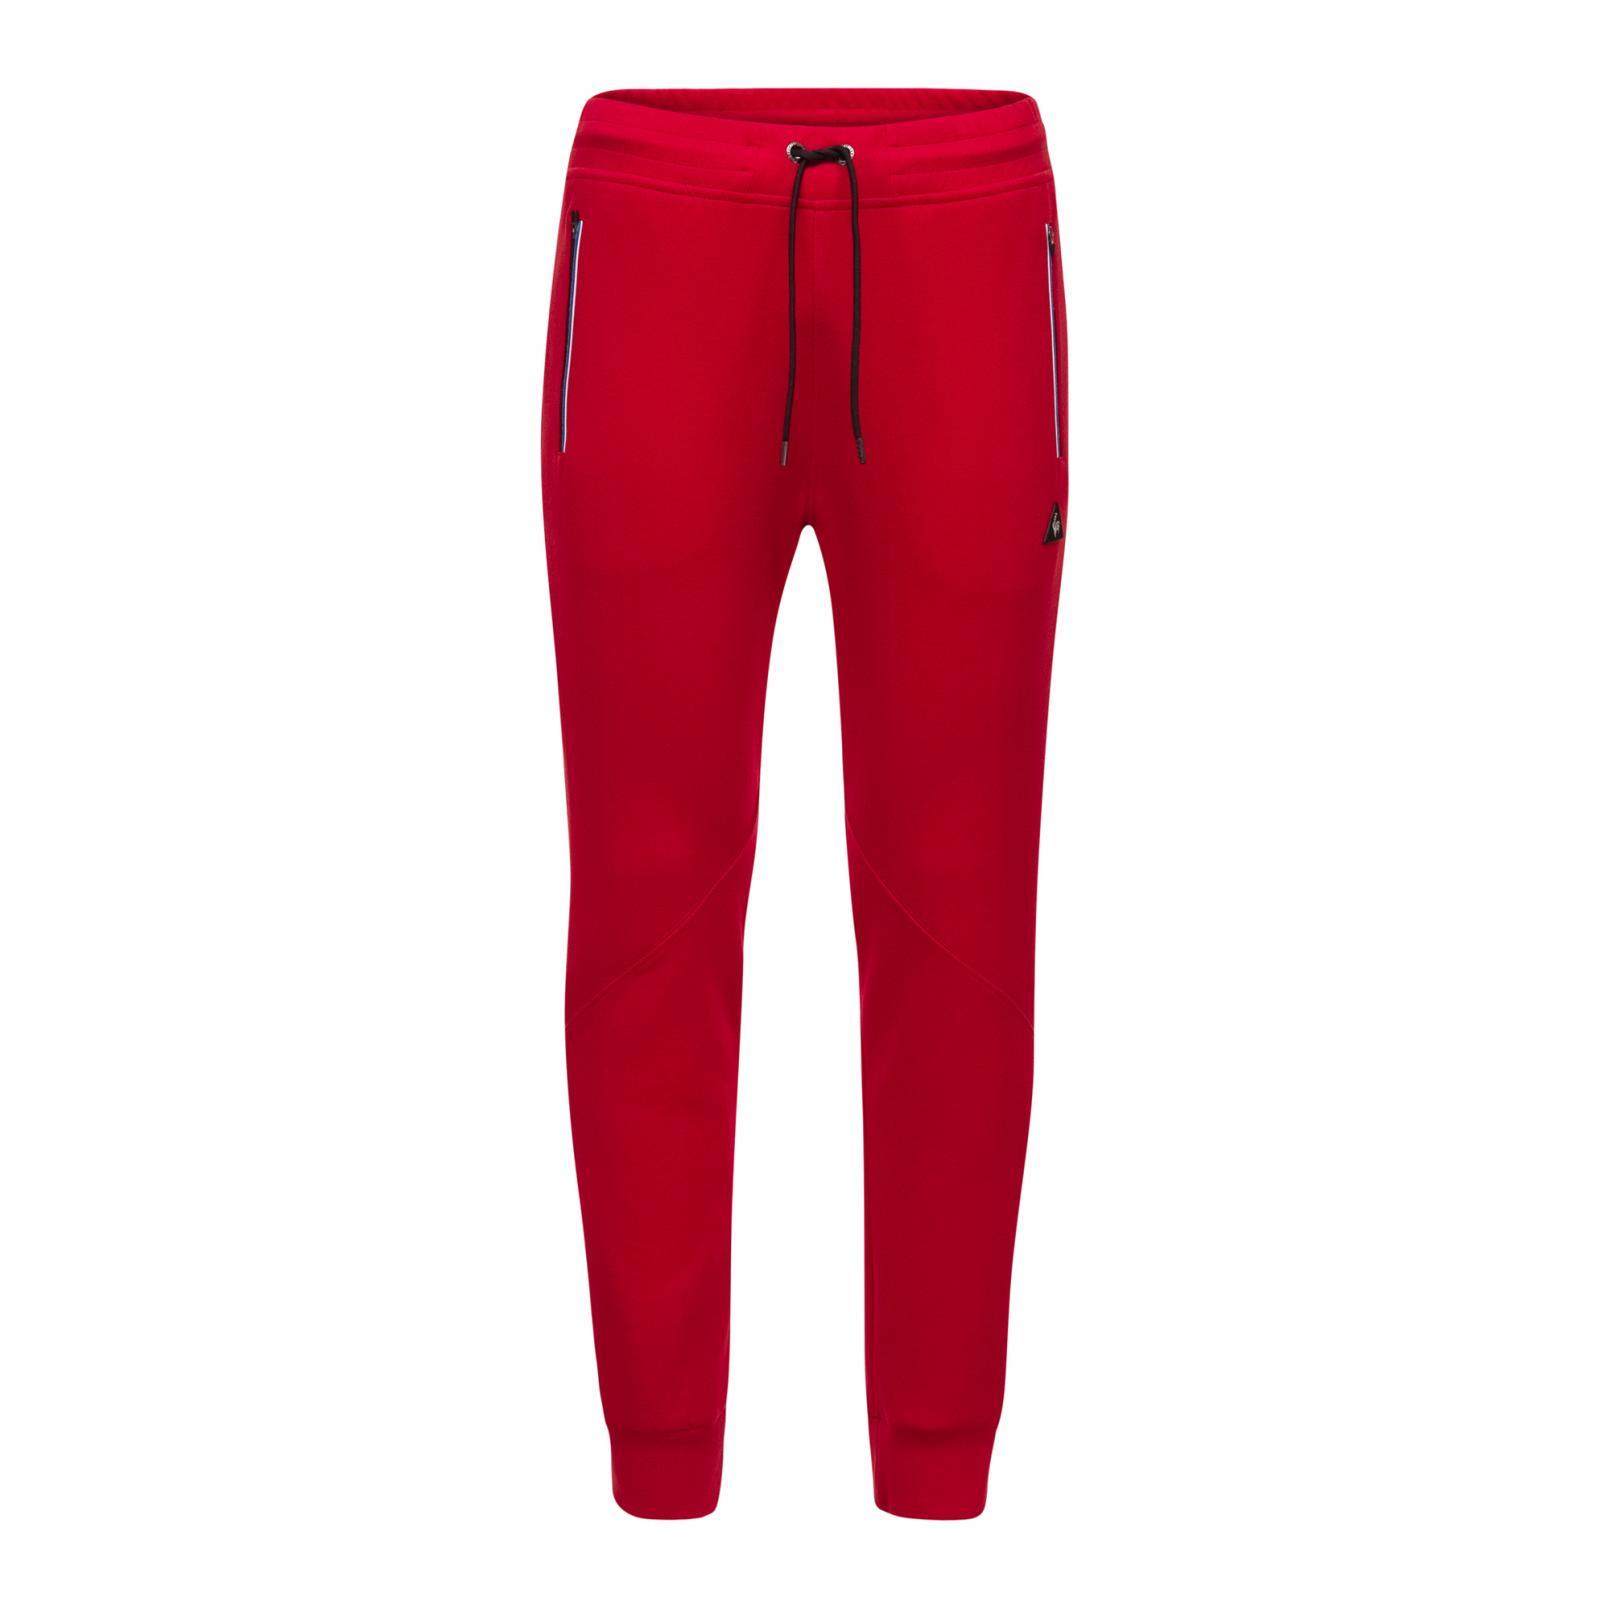 Pants – Le Coq Sportif LCS Tech Pant Red